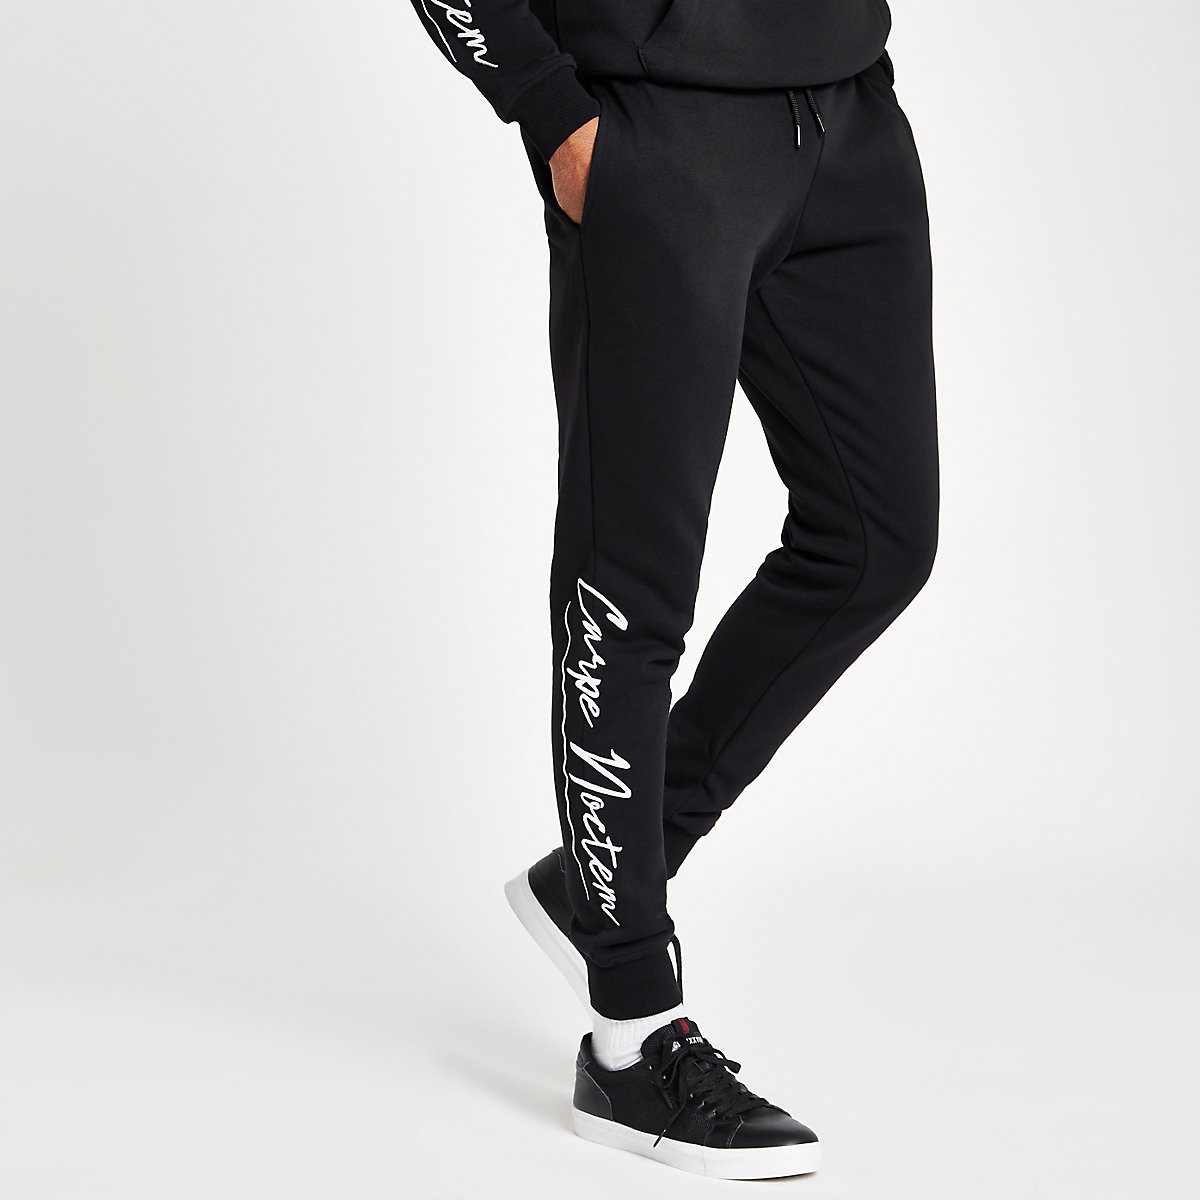 Black 'carpe noctem' joggers